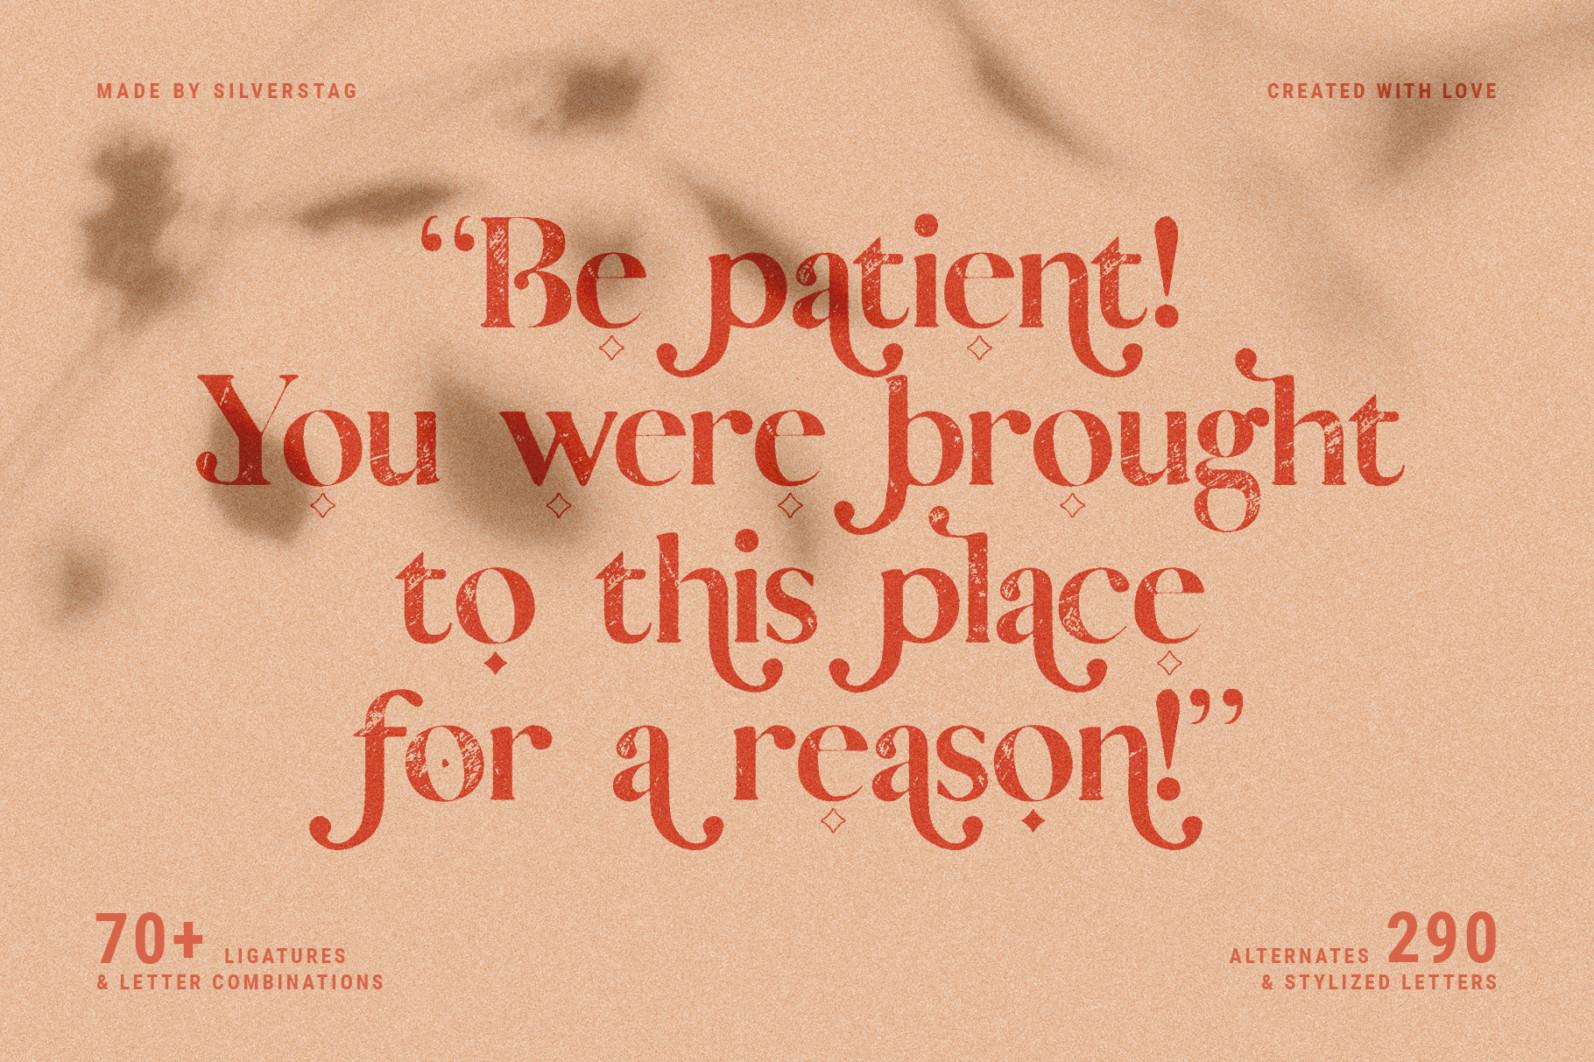 Vicky Christina - Vintage Serif Font - 20 vicky christina vintage ligature serif by silver stag -